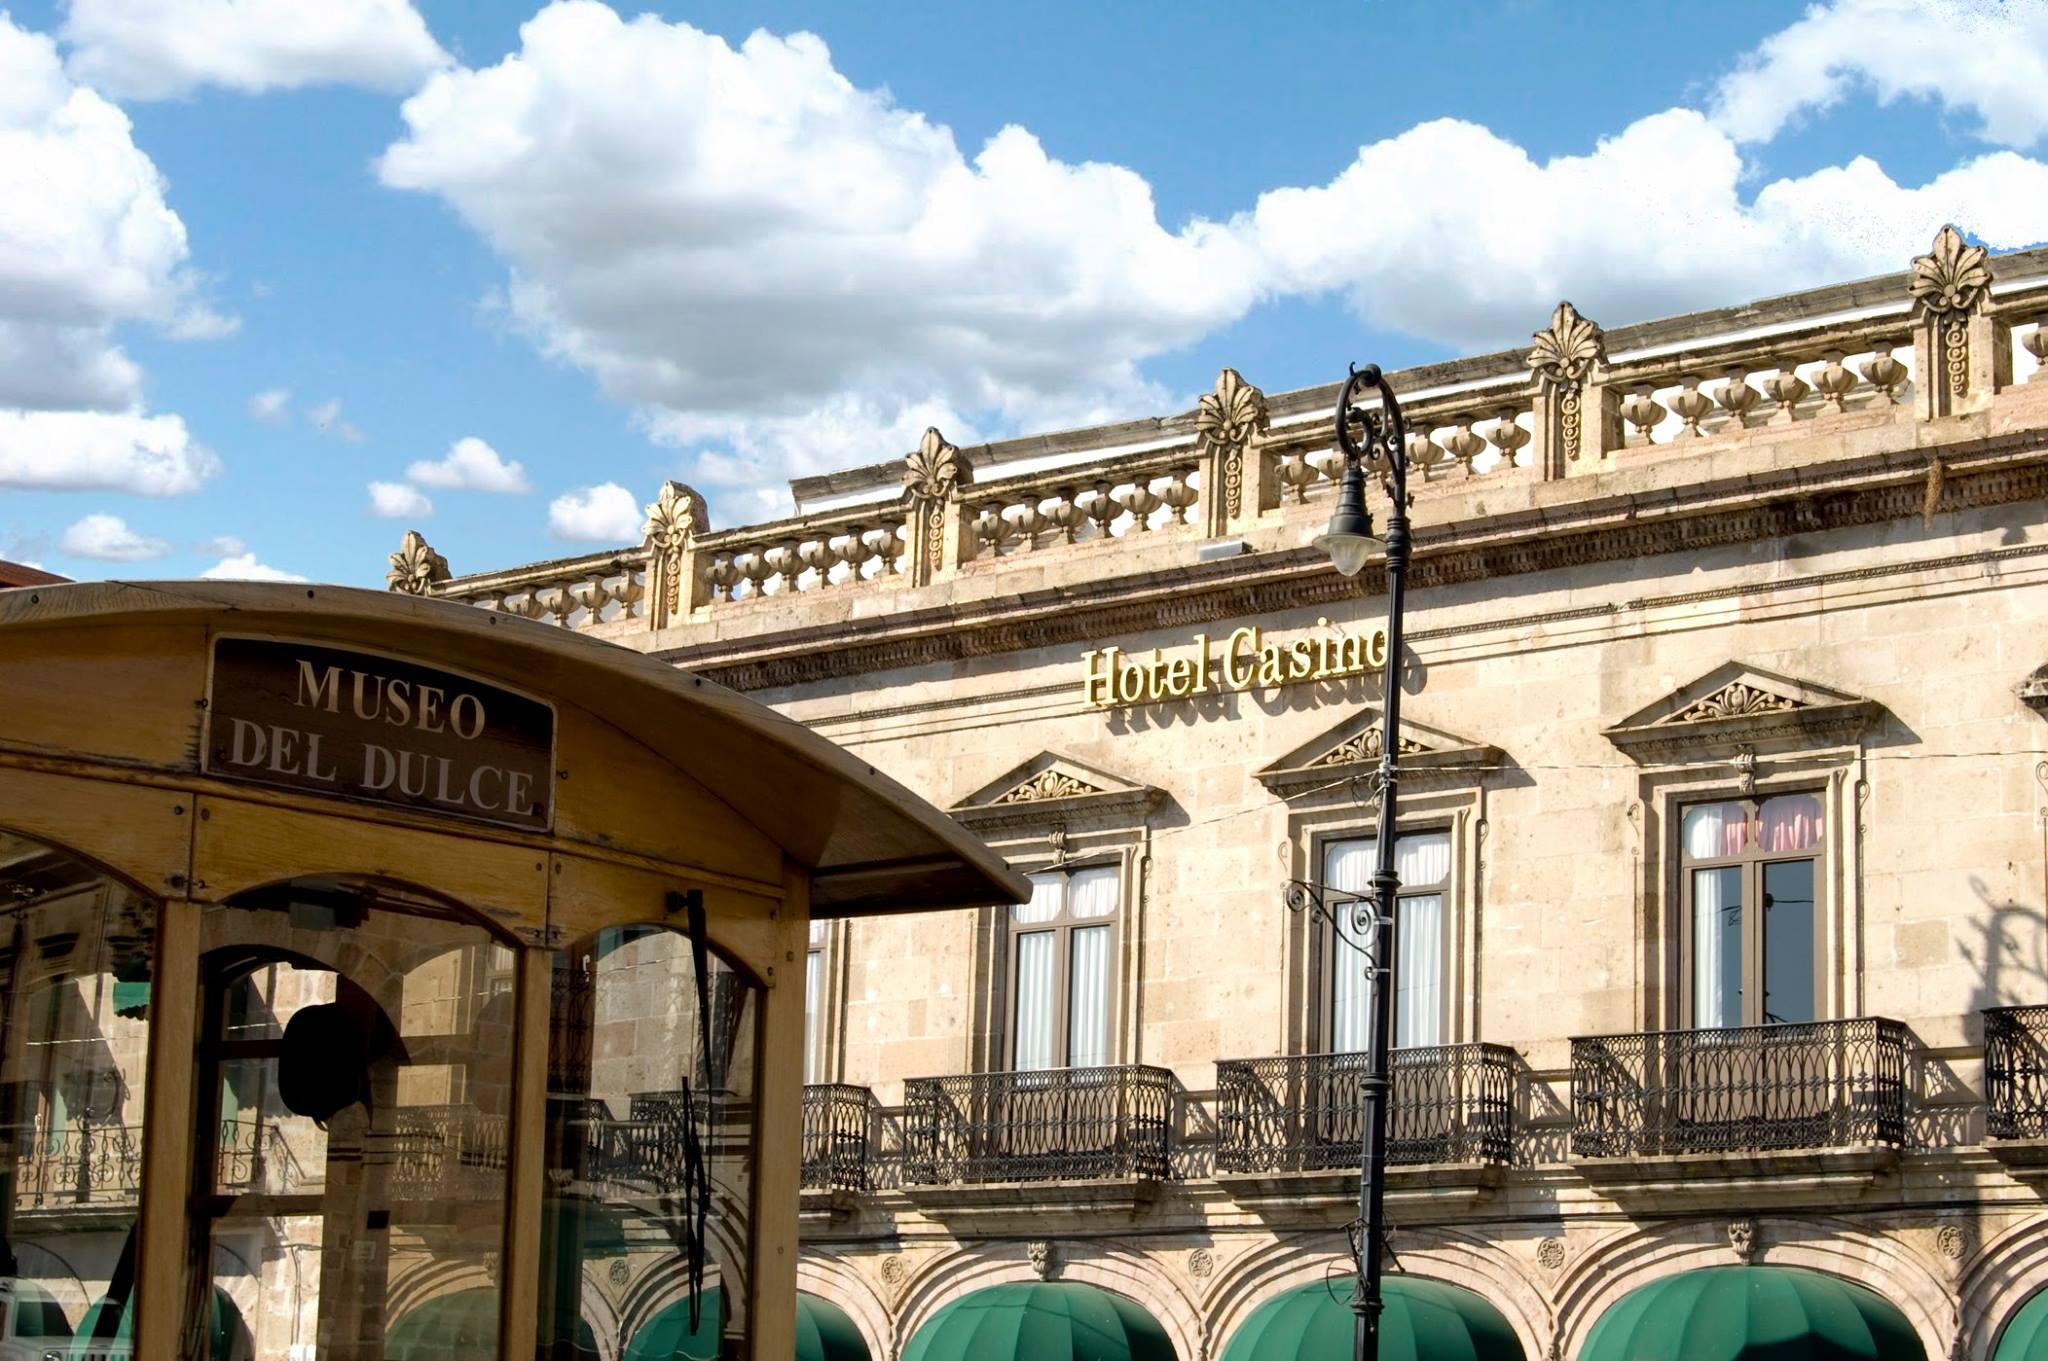 hoteles-en-morelia-hotel-casino